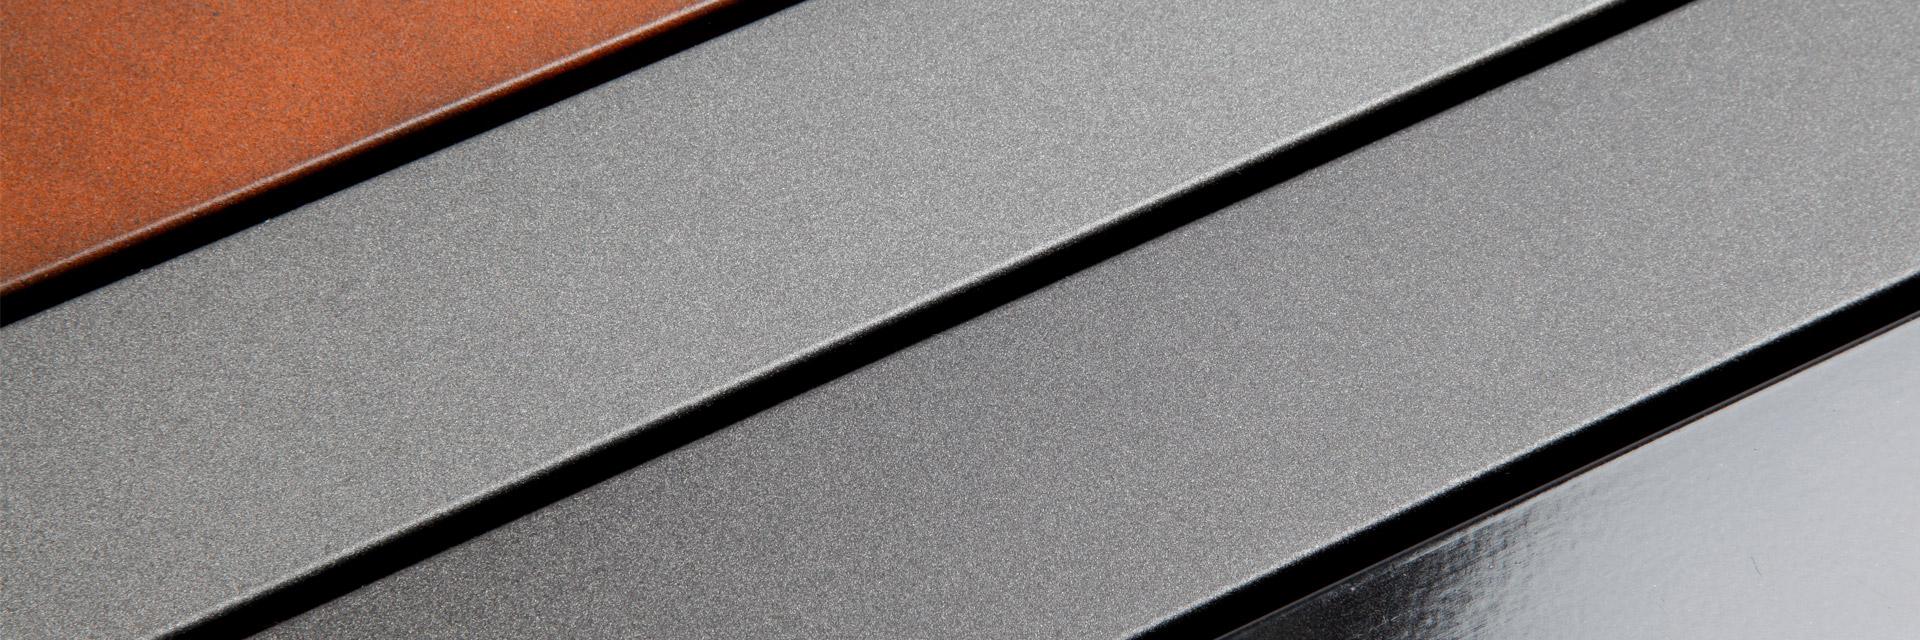 Wir beschichten auch Stahl oder andere Metalle.